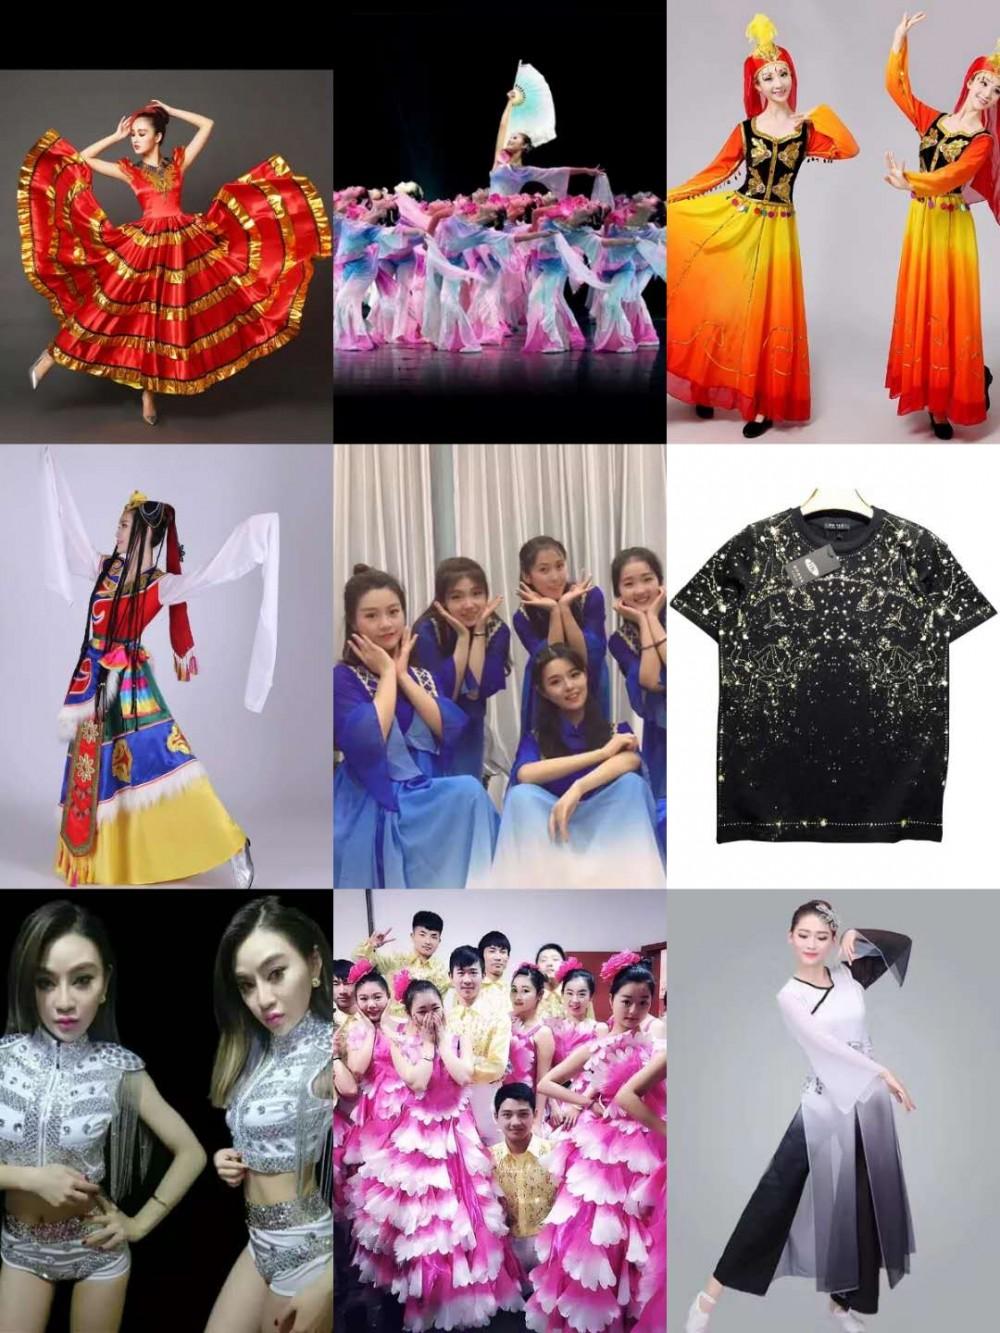 长沙服装租赁 演出服、礼服、舞蹈服、古装、卡通人偶服装出租,演出设备一站式服务